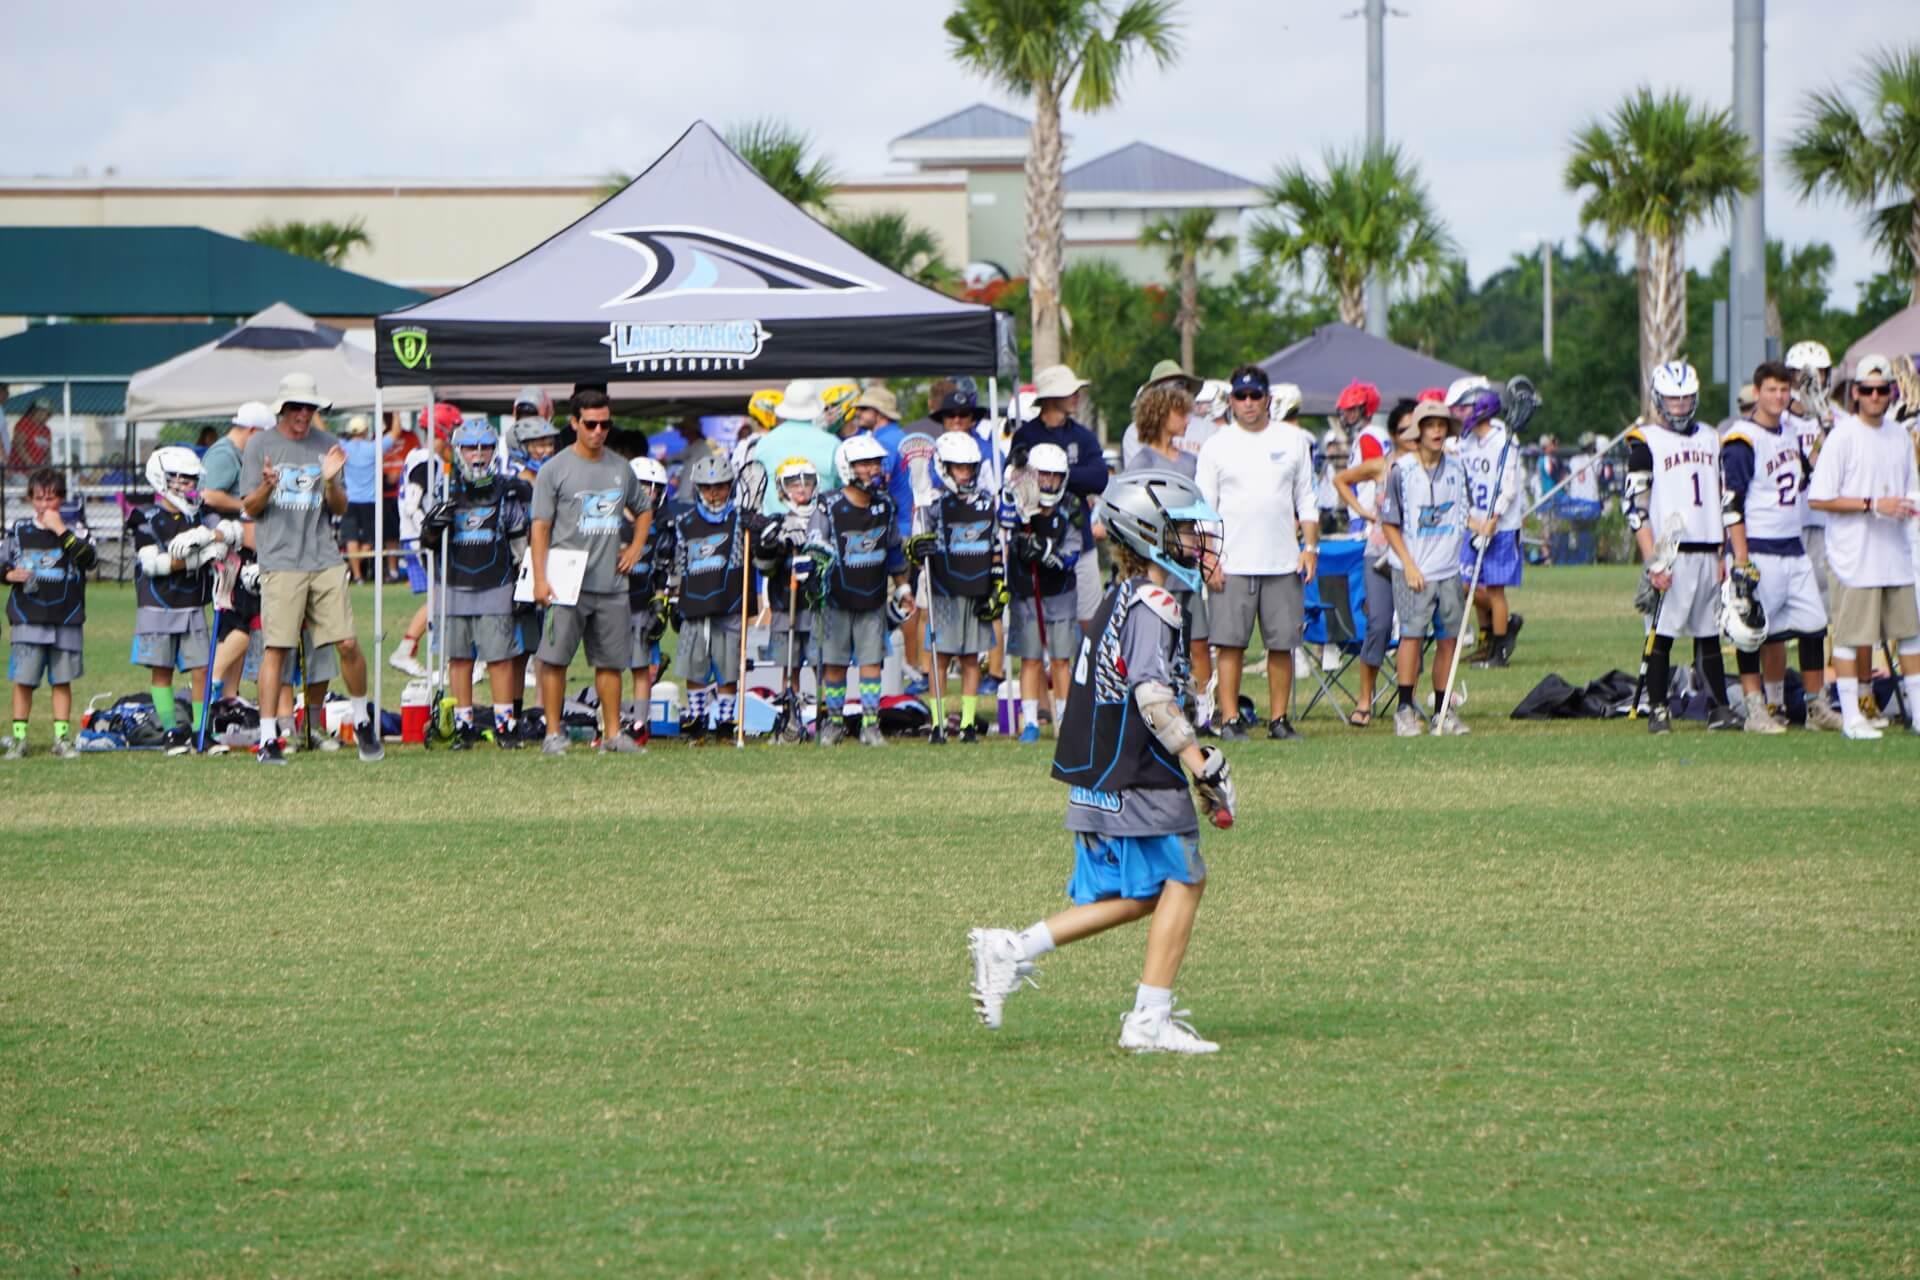 Lauderdale Landsharks Lacrosse Team